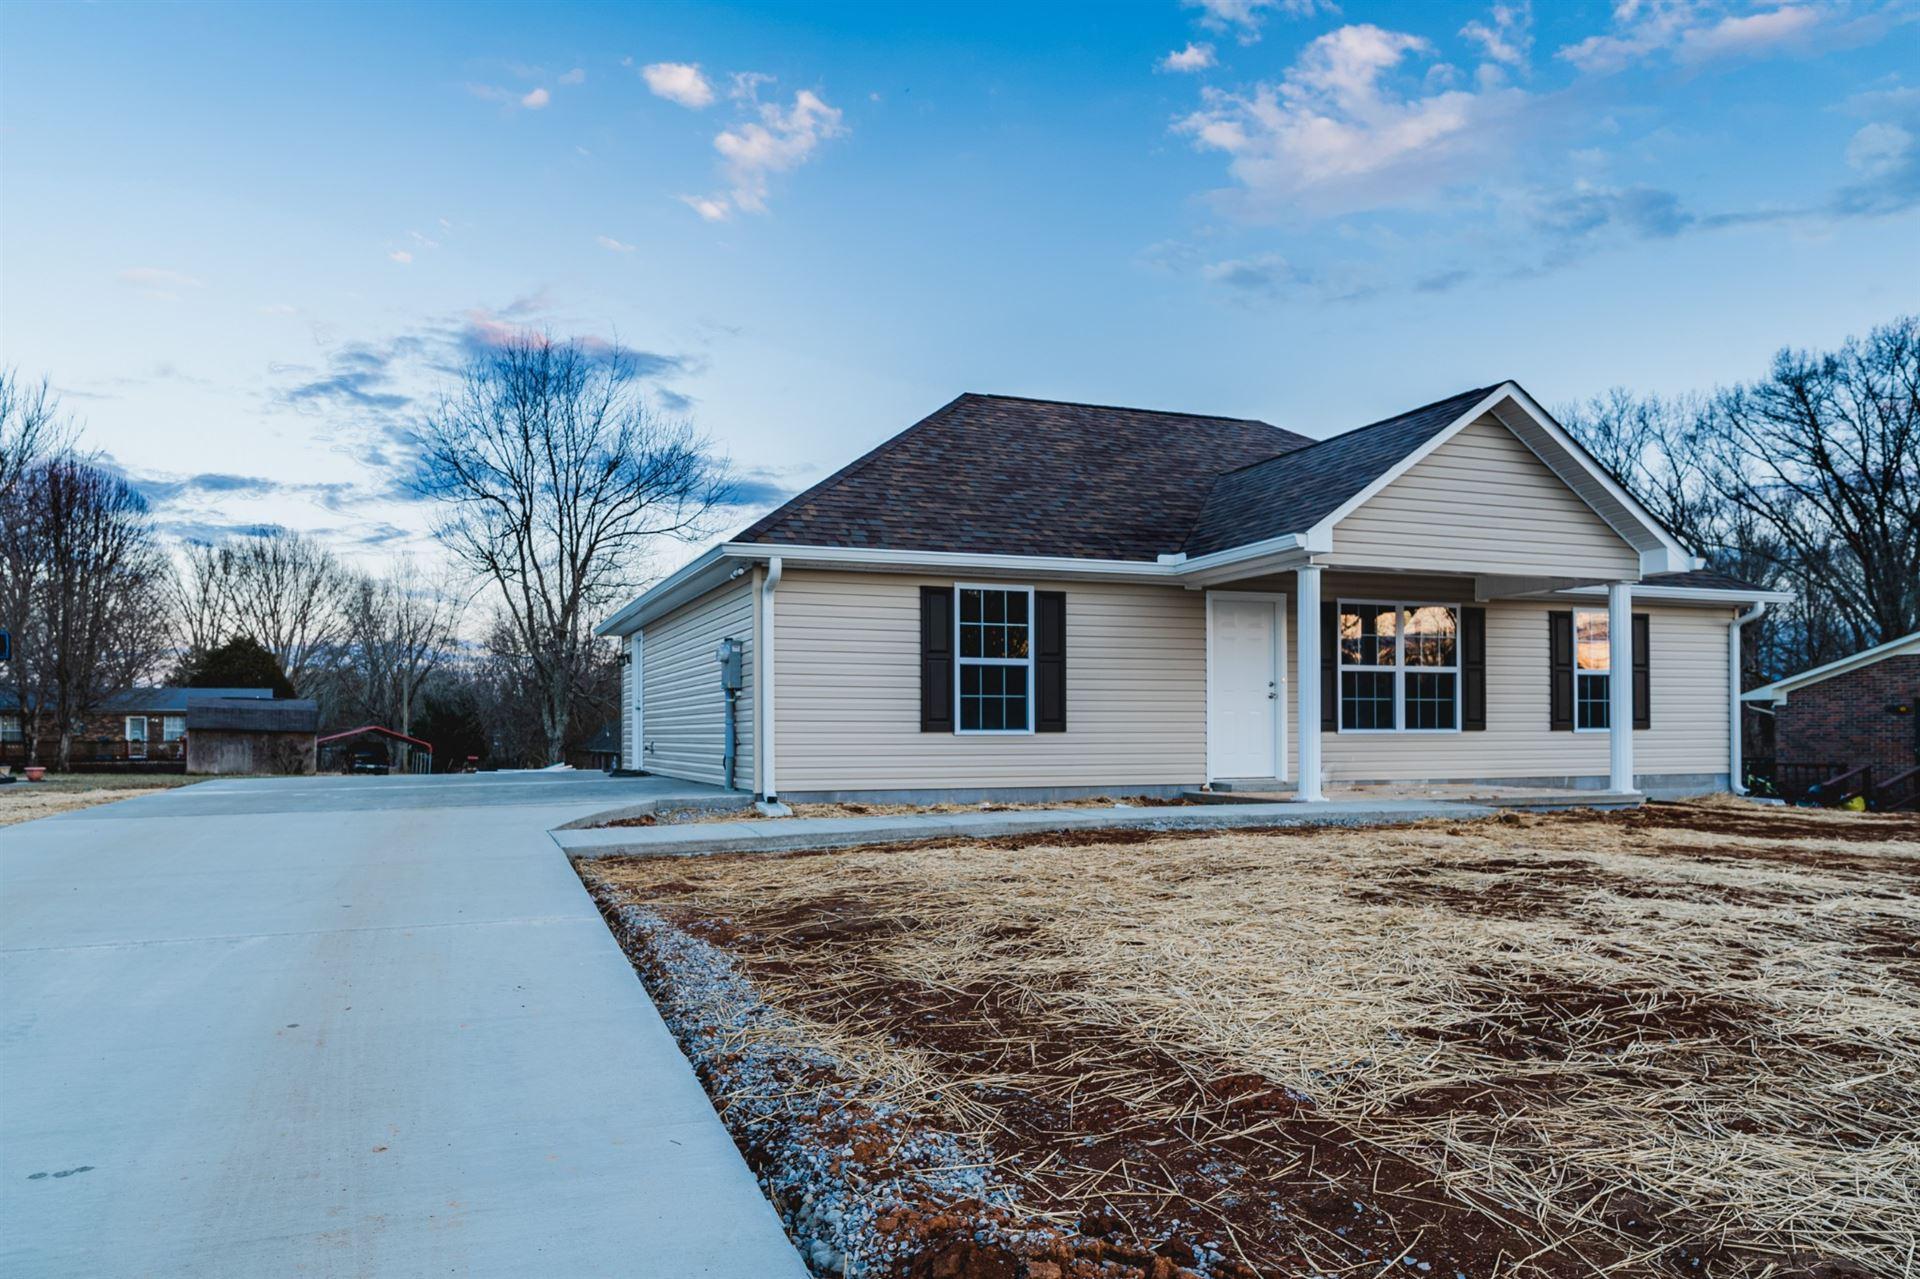 820 Violet Ave, Lawrenceburg, TN 38464 - MLS#: 2203996